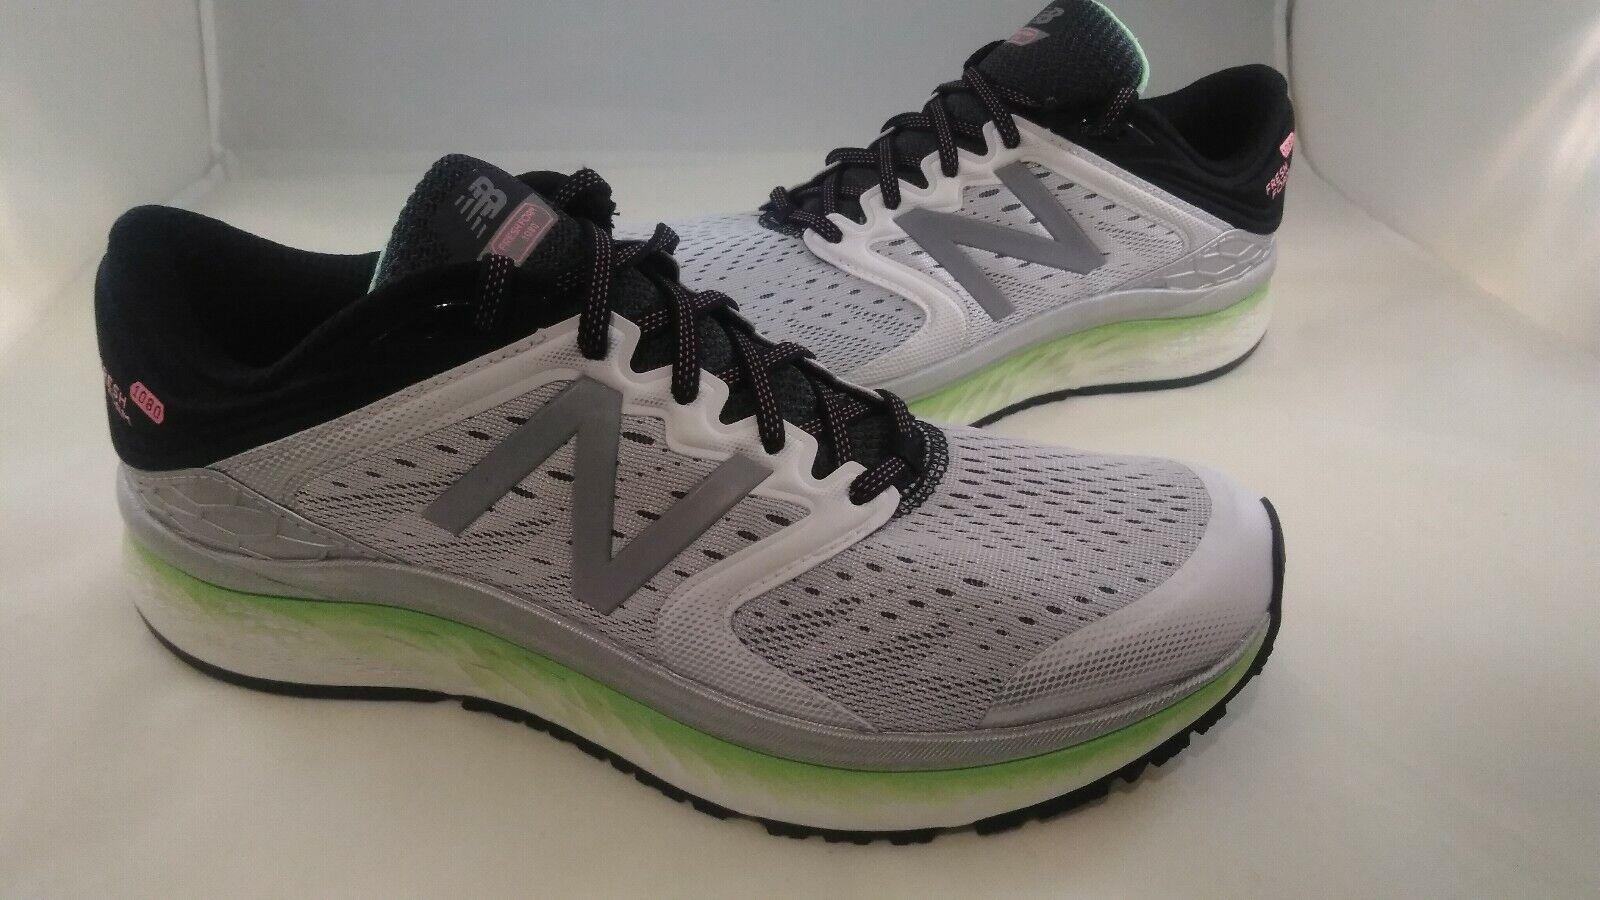 NUOVO NUOVO  BILANCIO Fresh Foam 1080 v6 Running scarpe grigio Volt yeezy RARE Dimensione 12  economico e di alta qualità